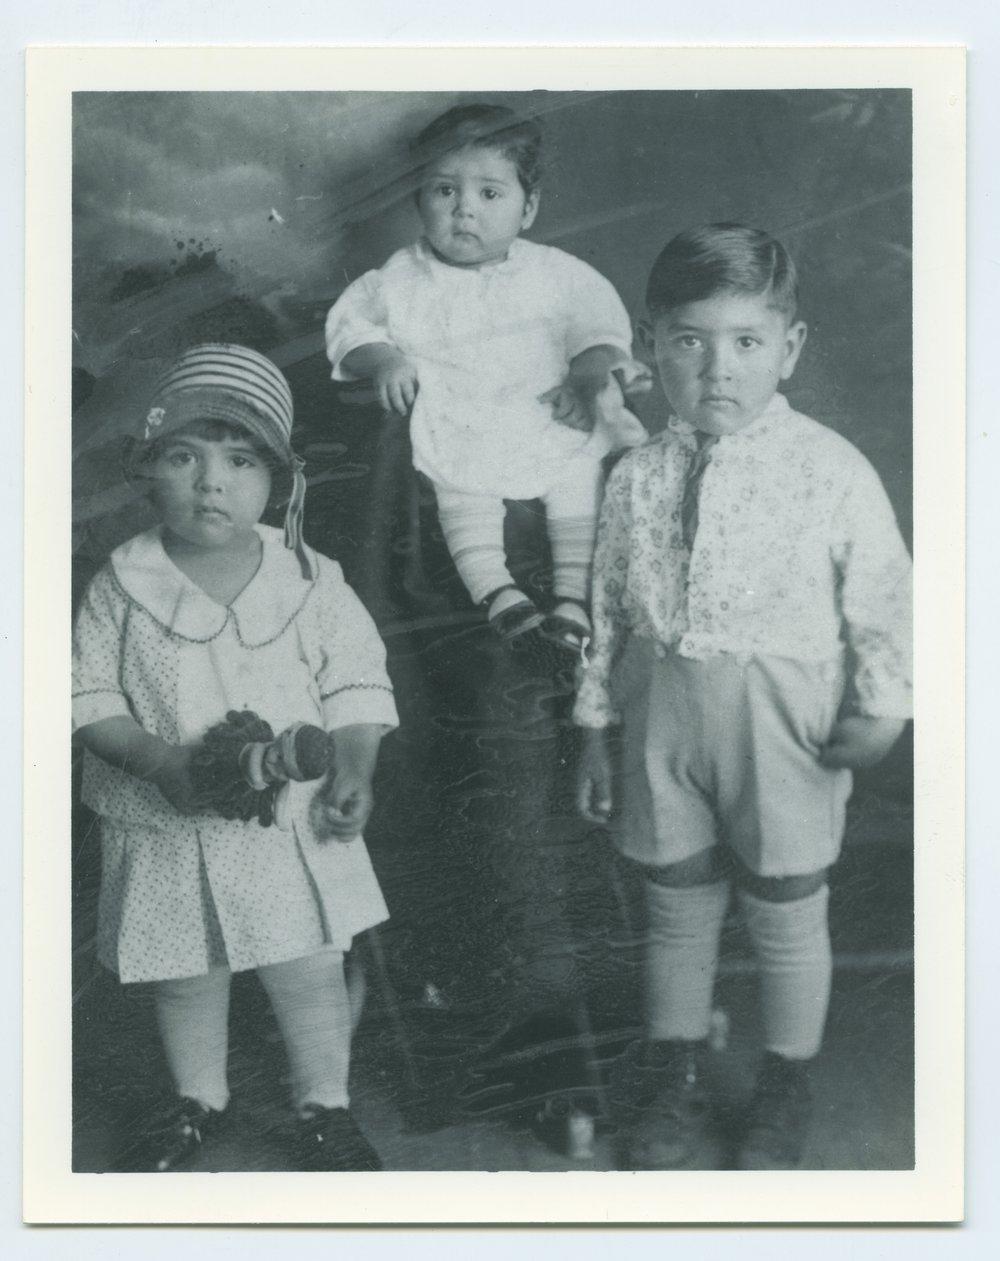 Vera Ramos, Beatrice Ramos, and Benny Ramos in Topeka, Kansas